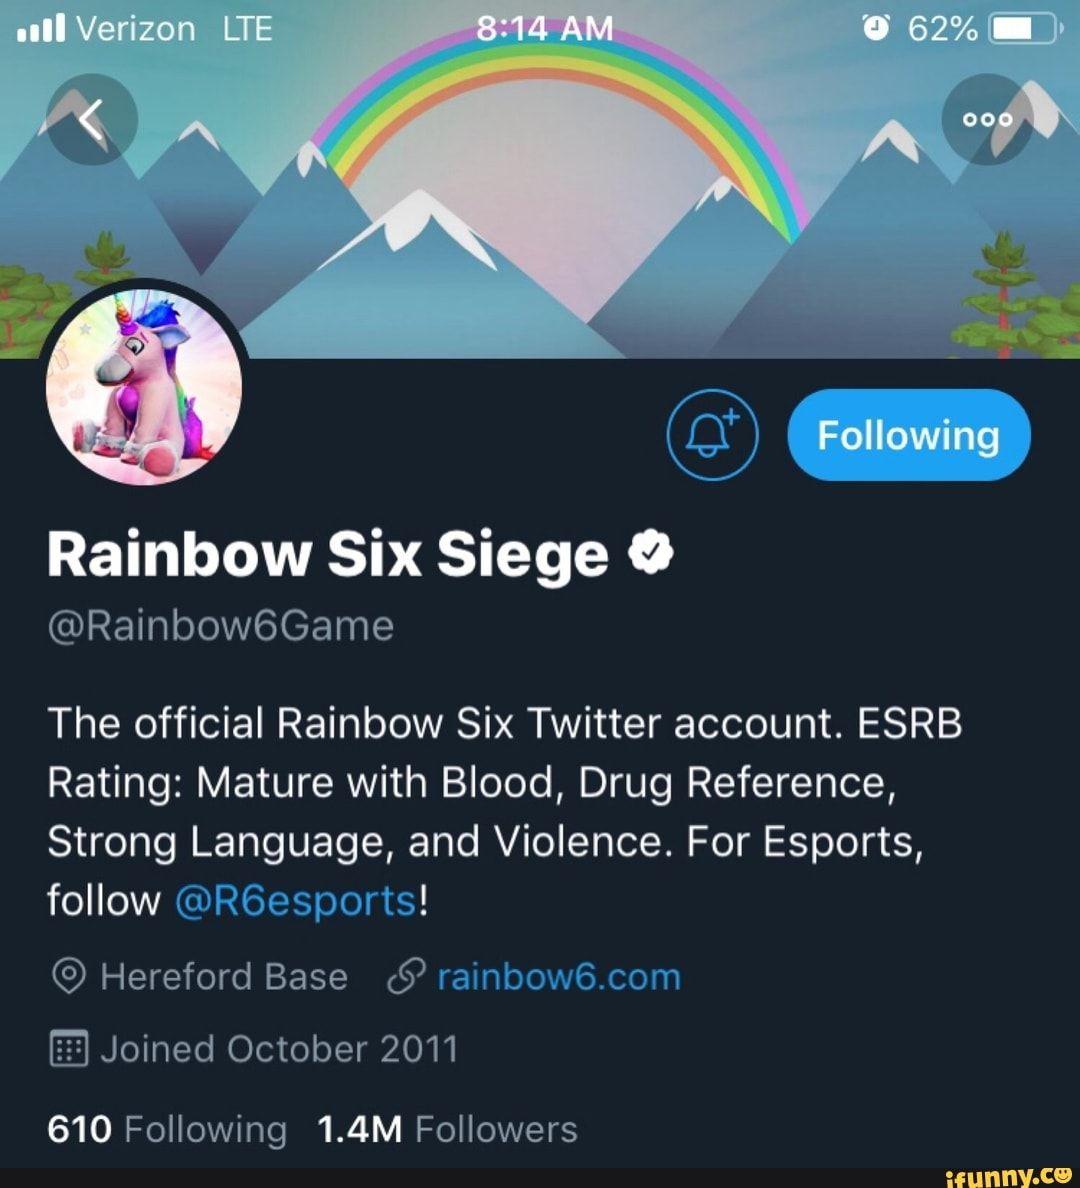 Rainbow Six Siege 9 ©Raínbow6Game The official Rainbow Six